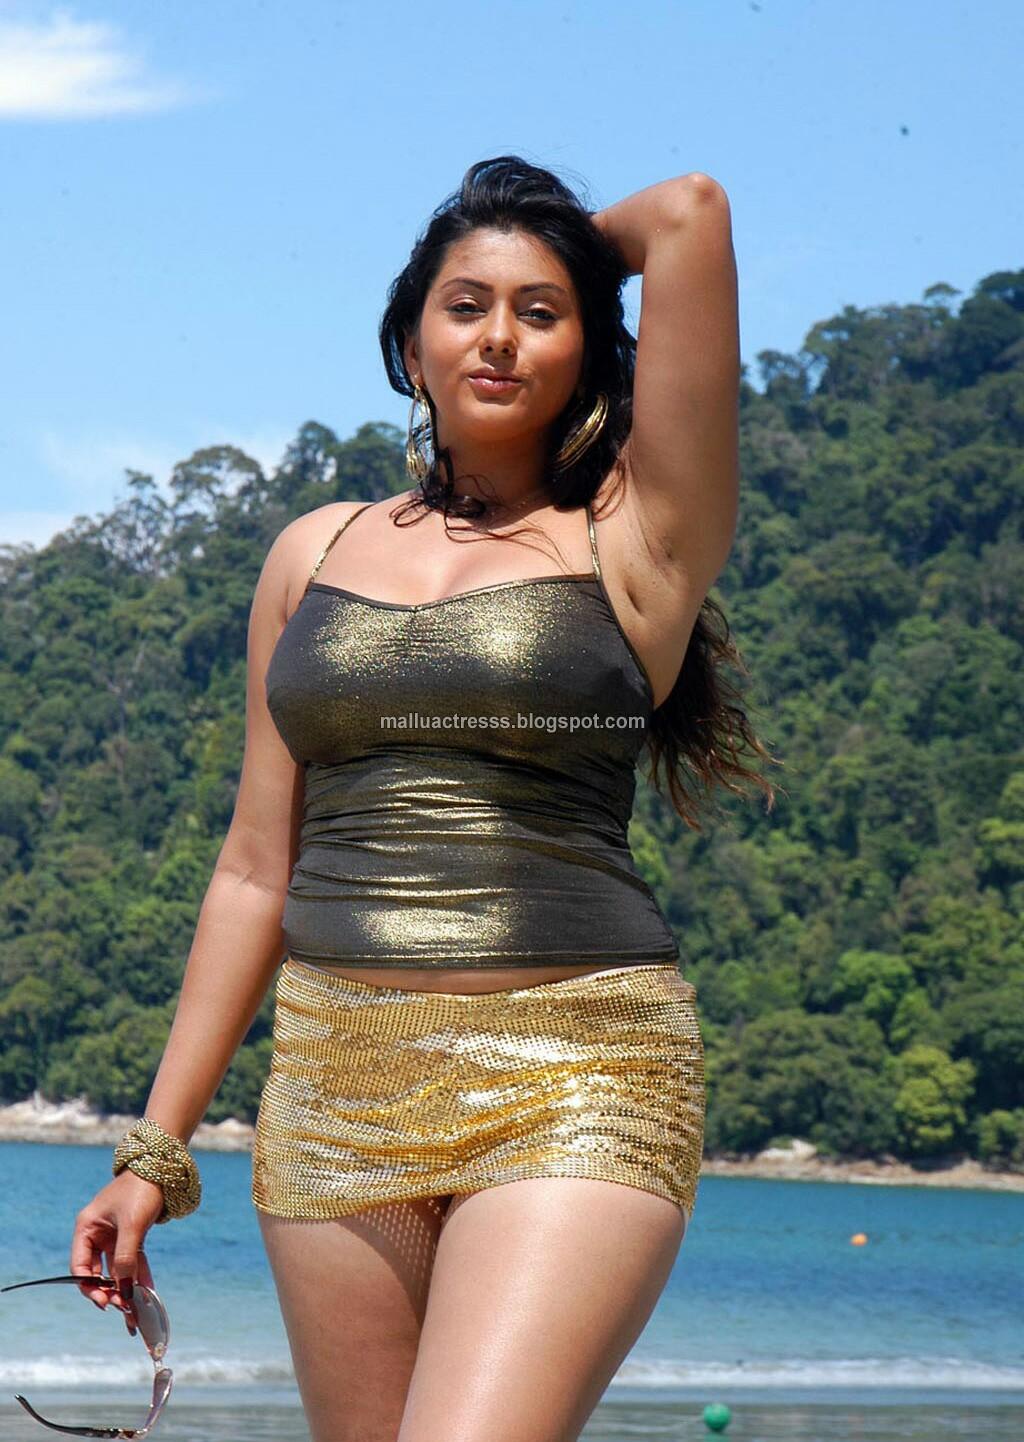 Malayalam Actress Actress Namitha Hot Photos,Wallpapers-3867